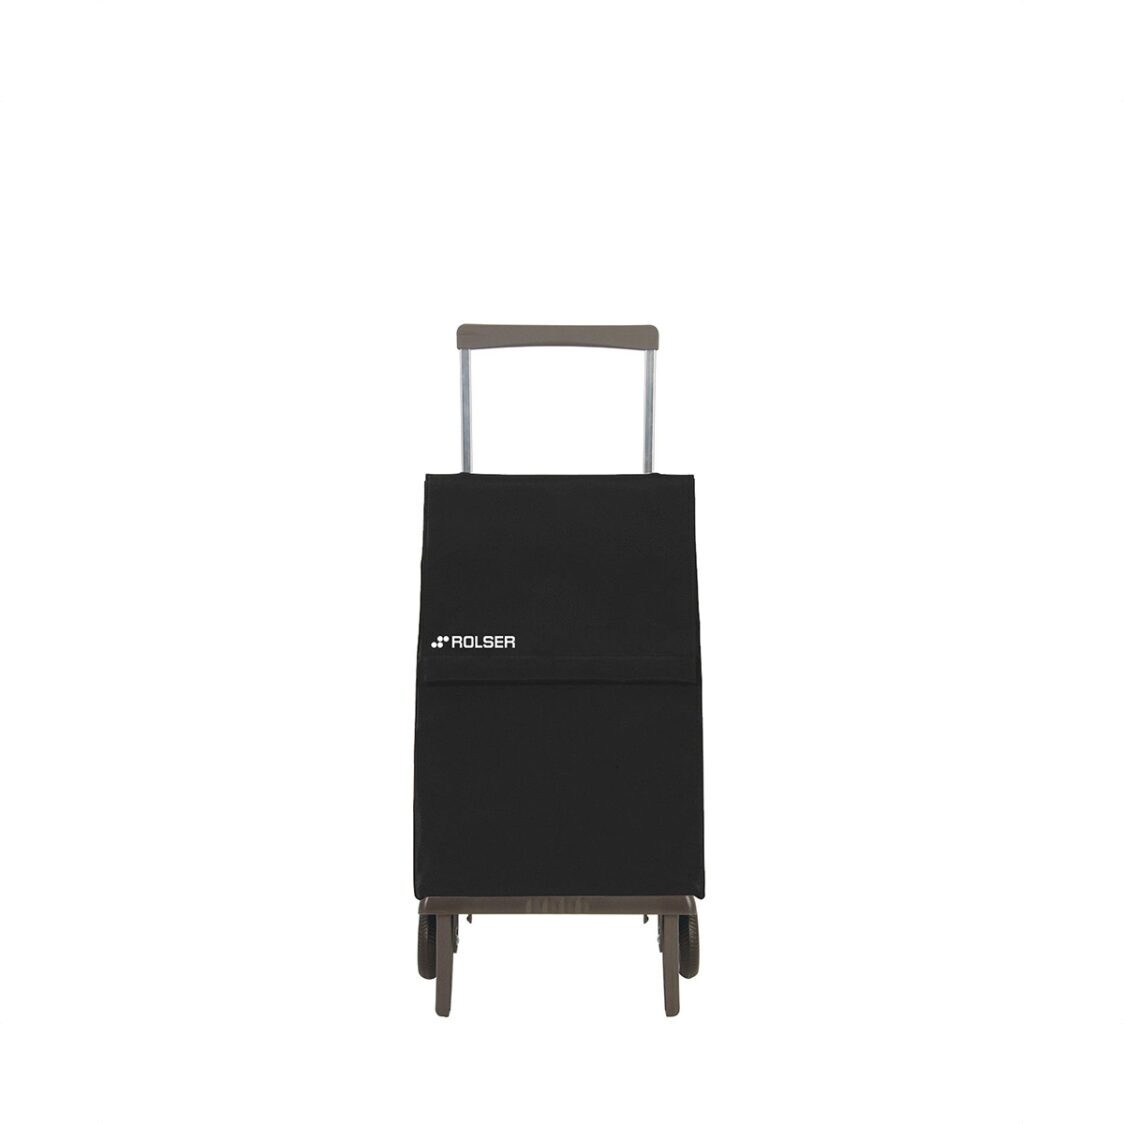 Rolser Plegamatic Negro Black J40094